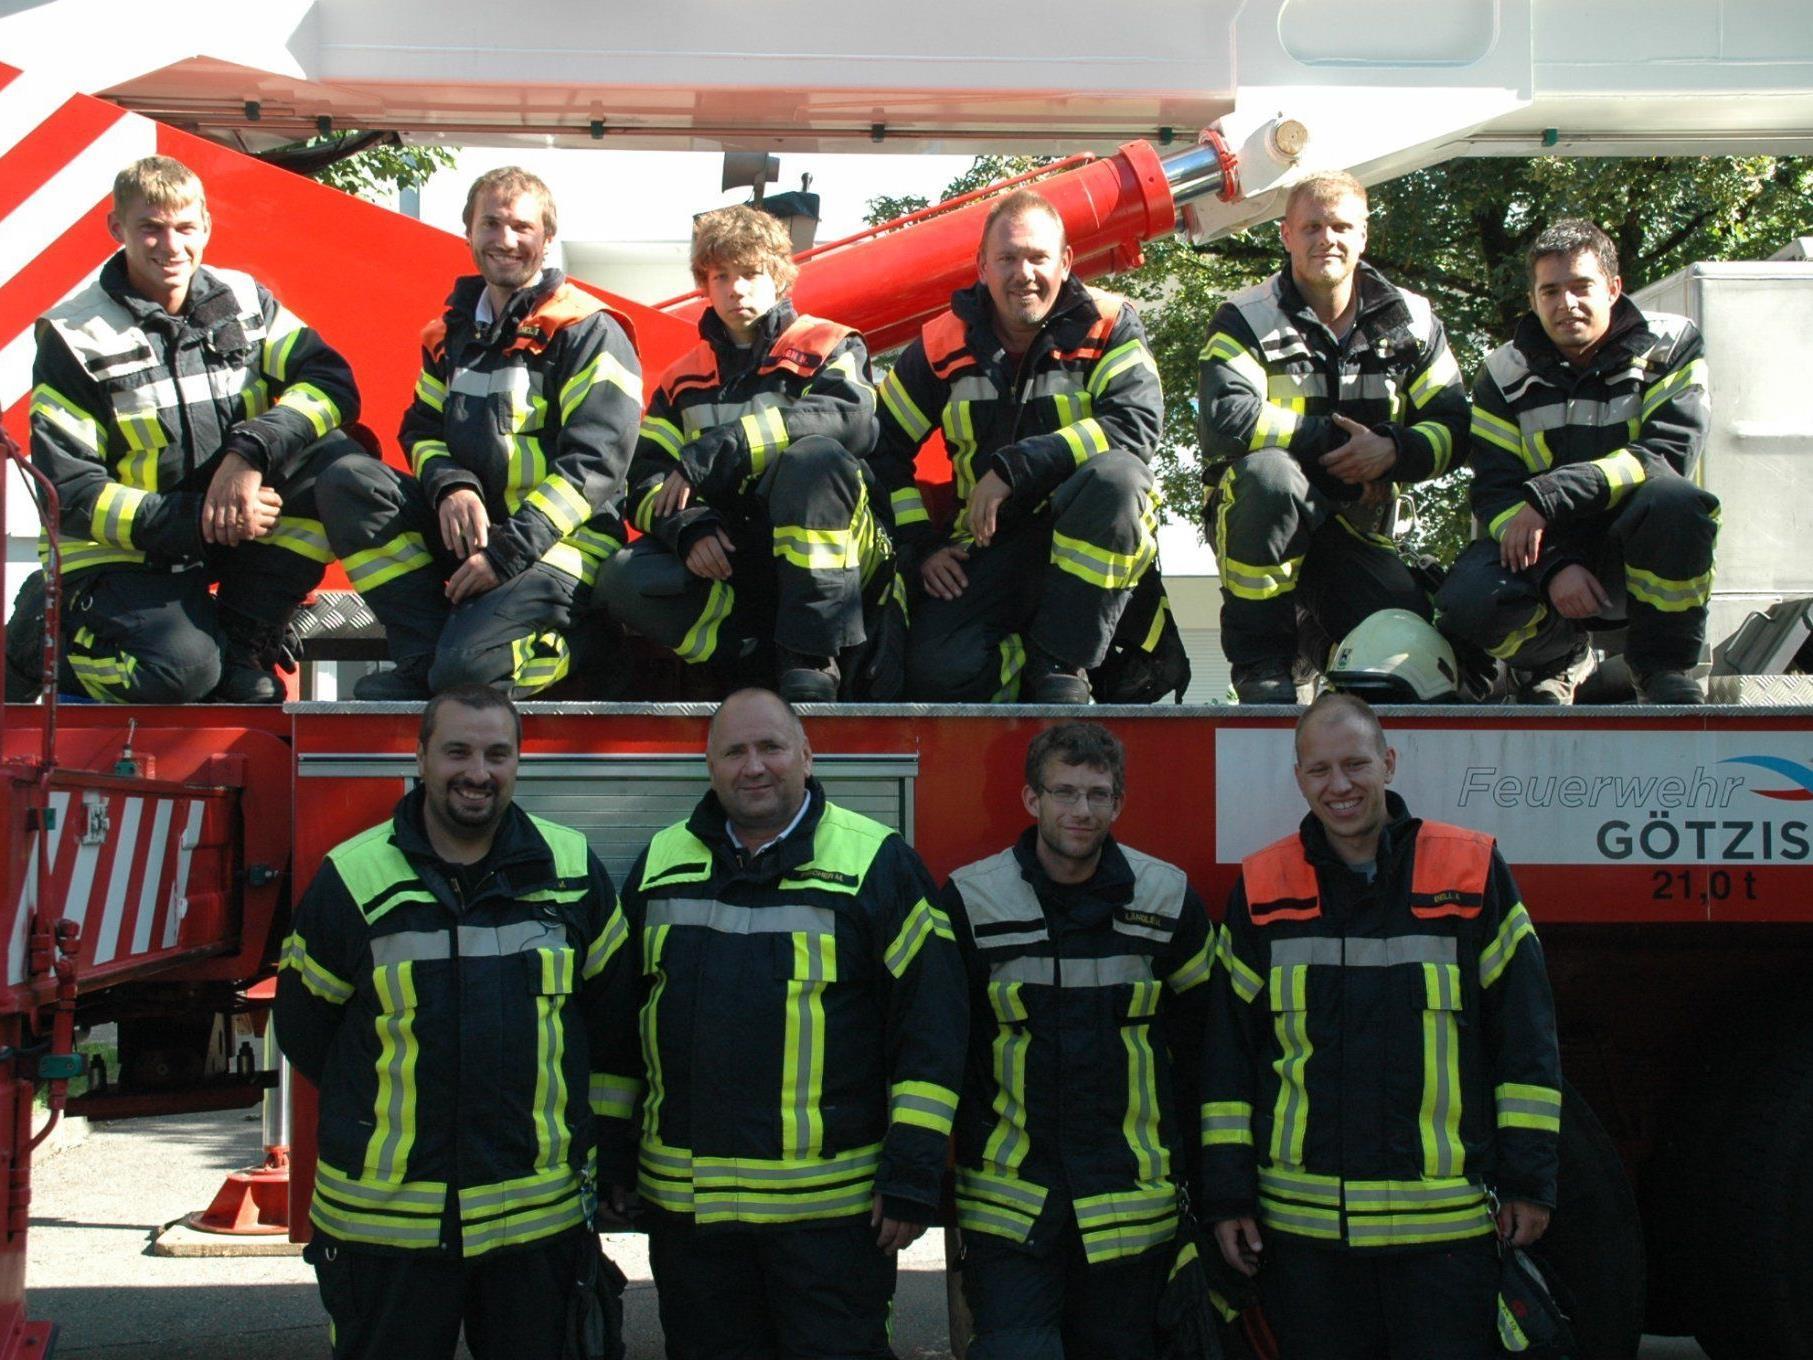 Die Männer der Feuerwehr Götzis sehen mit Freude dem neuen Jahr entgegen